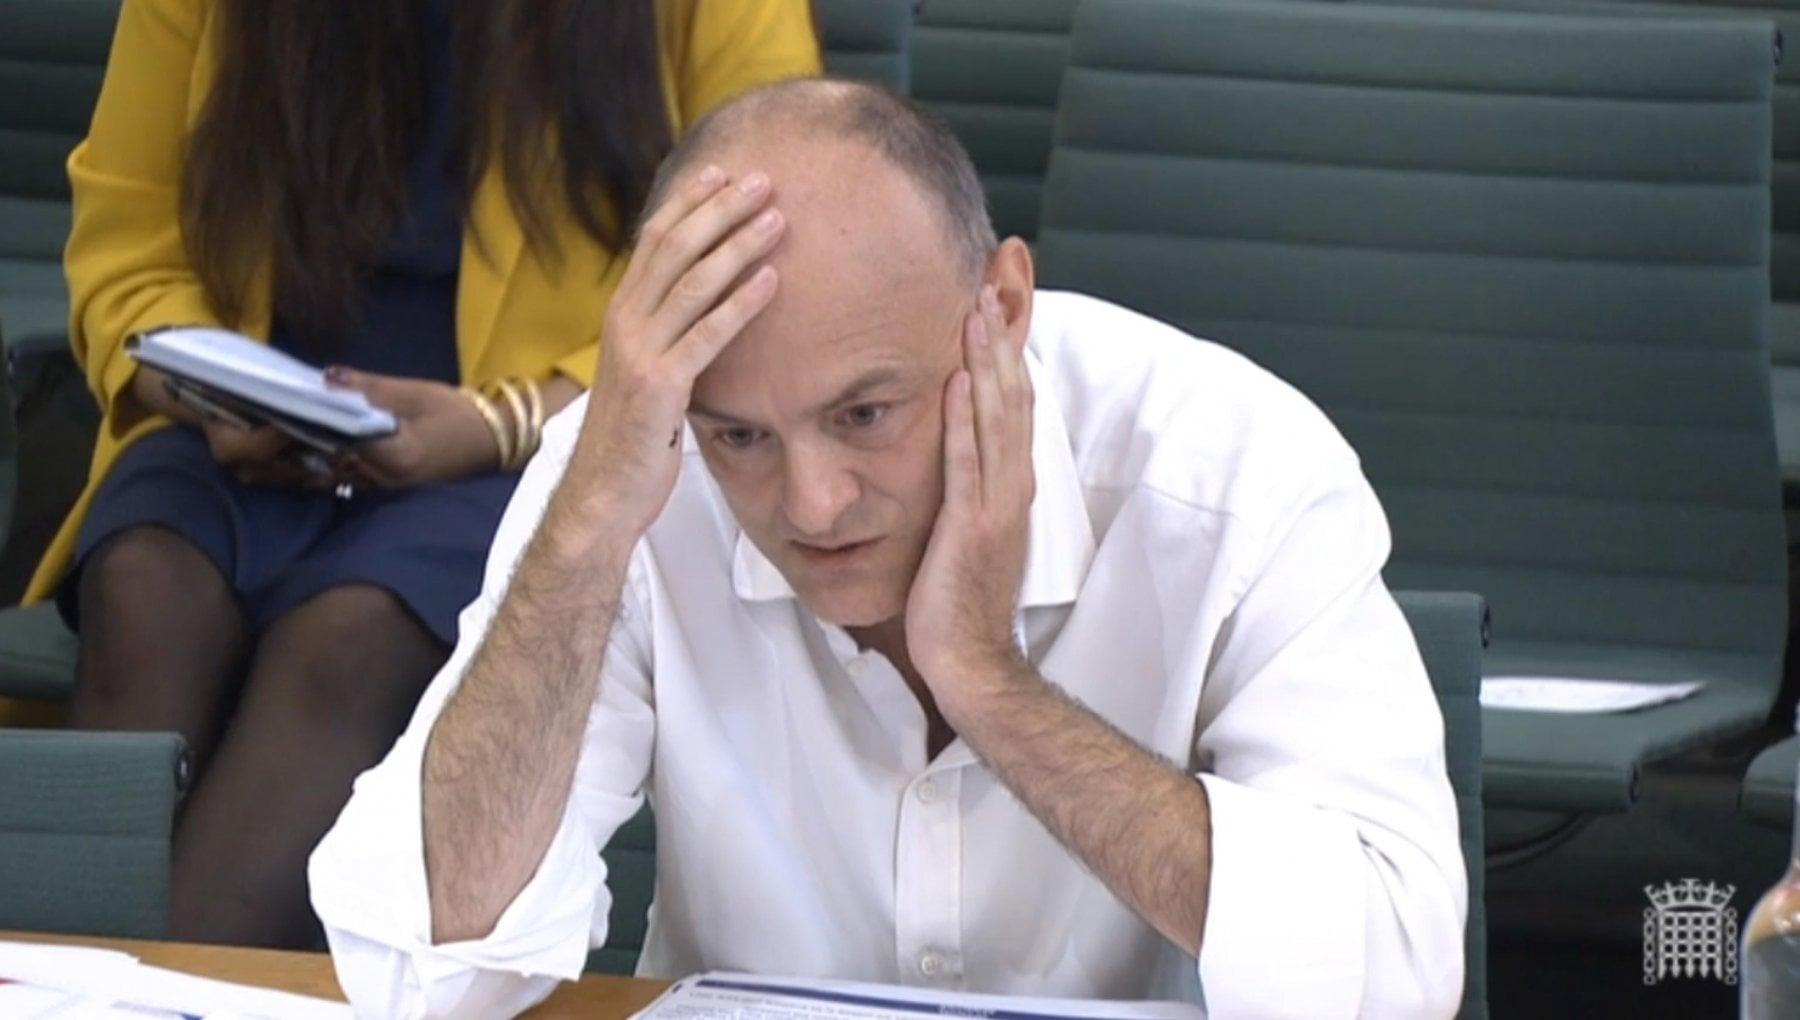 """184731719 289af4b7 83b9 4b83 83f8 4257697d715d - Regno Unito, la vendetta di Cummings contro Johnson: """"Boris inadatto a governare, un caos la sua gestione del Covid"""""""